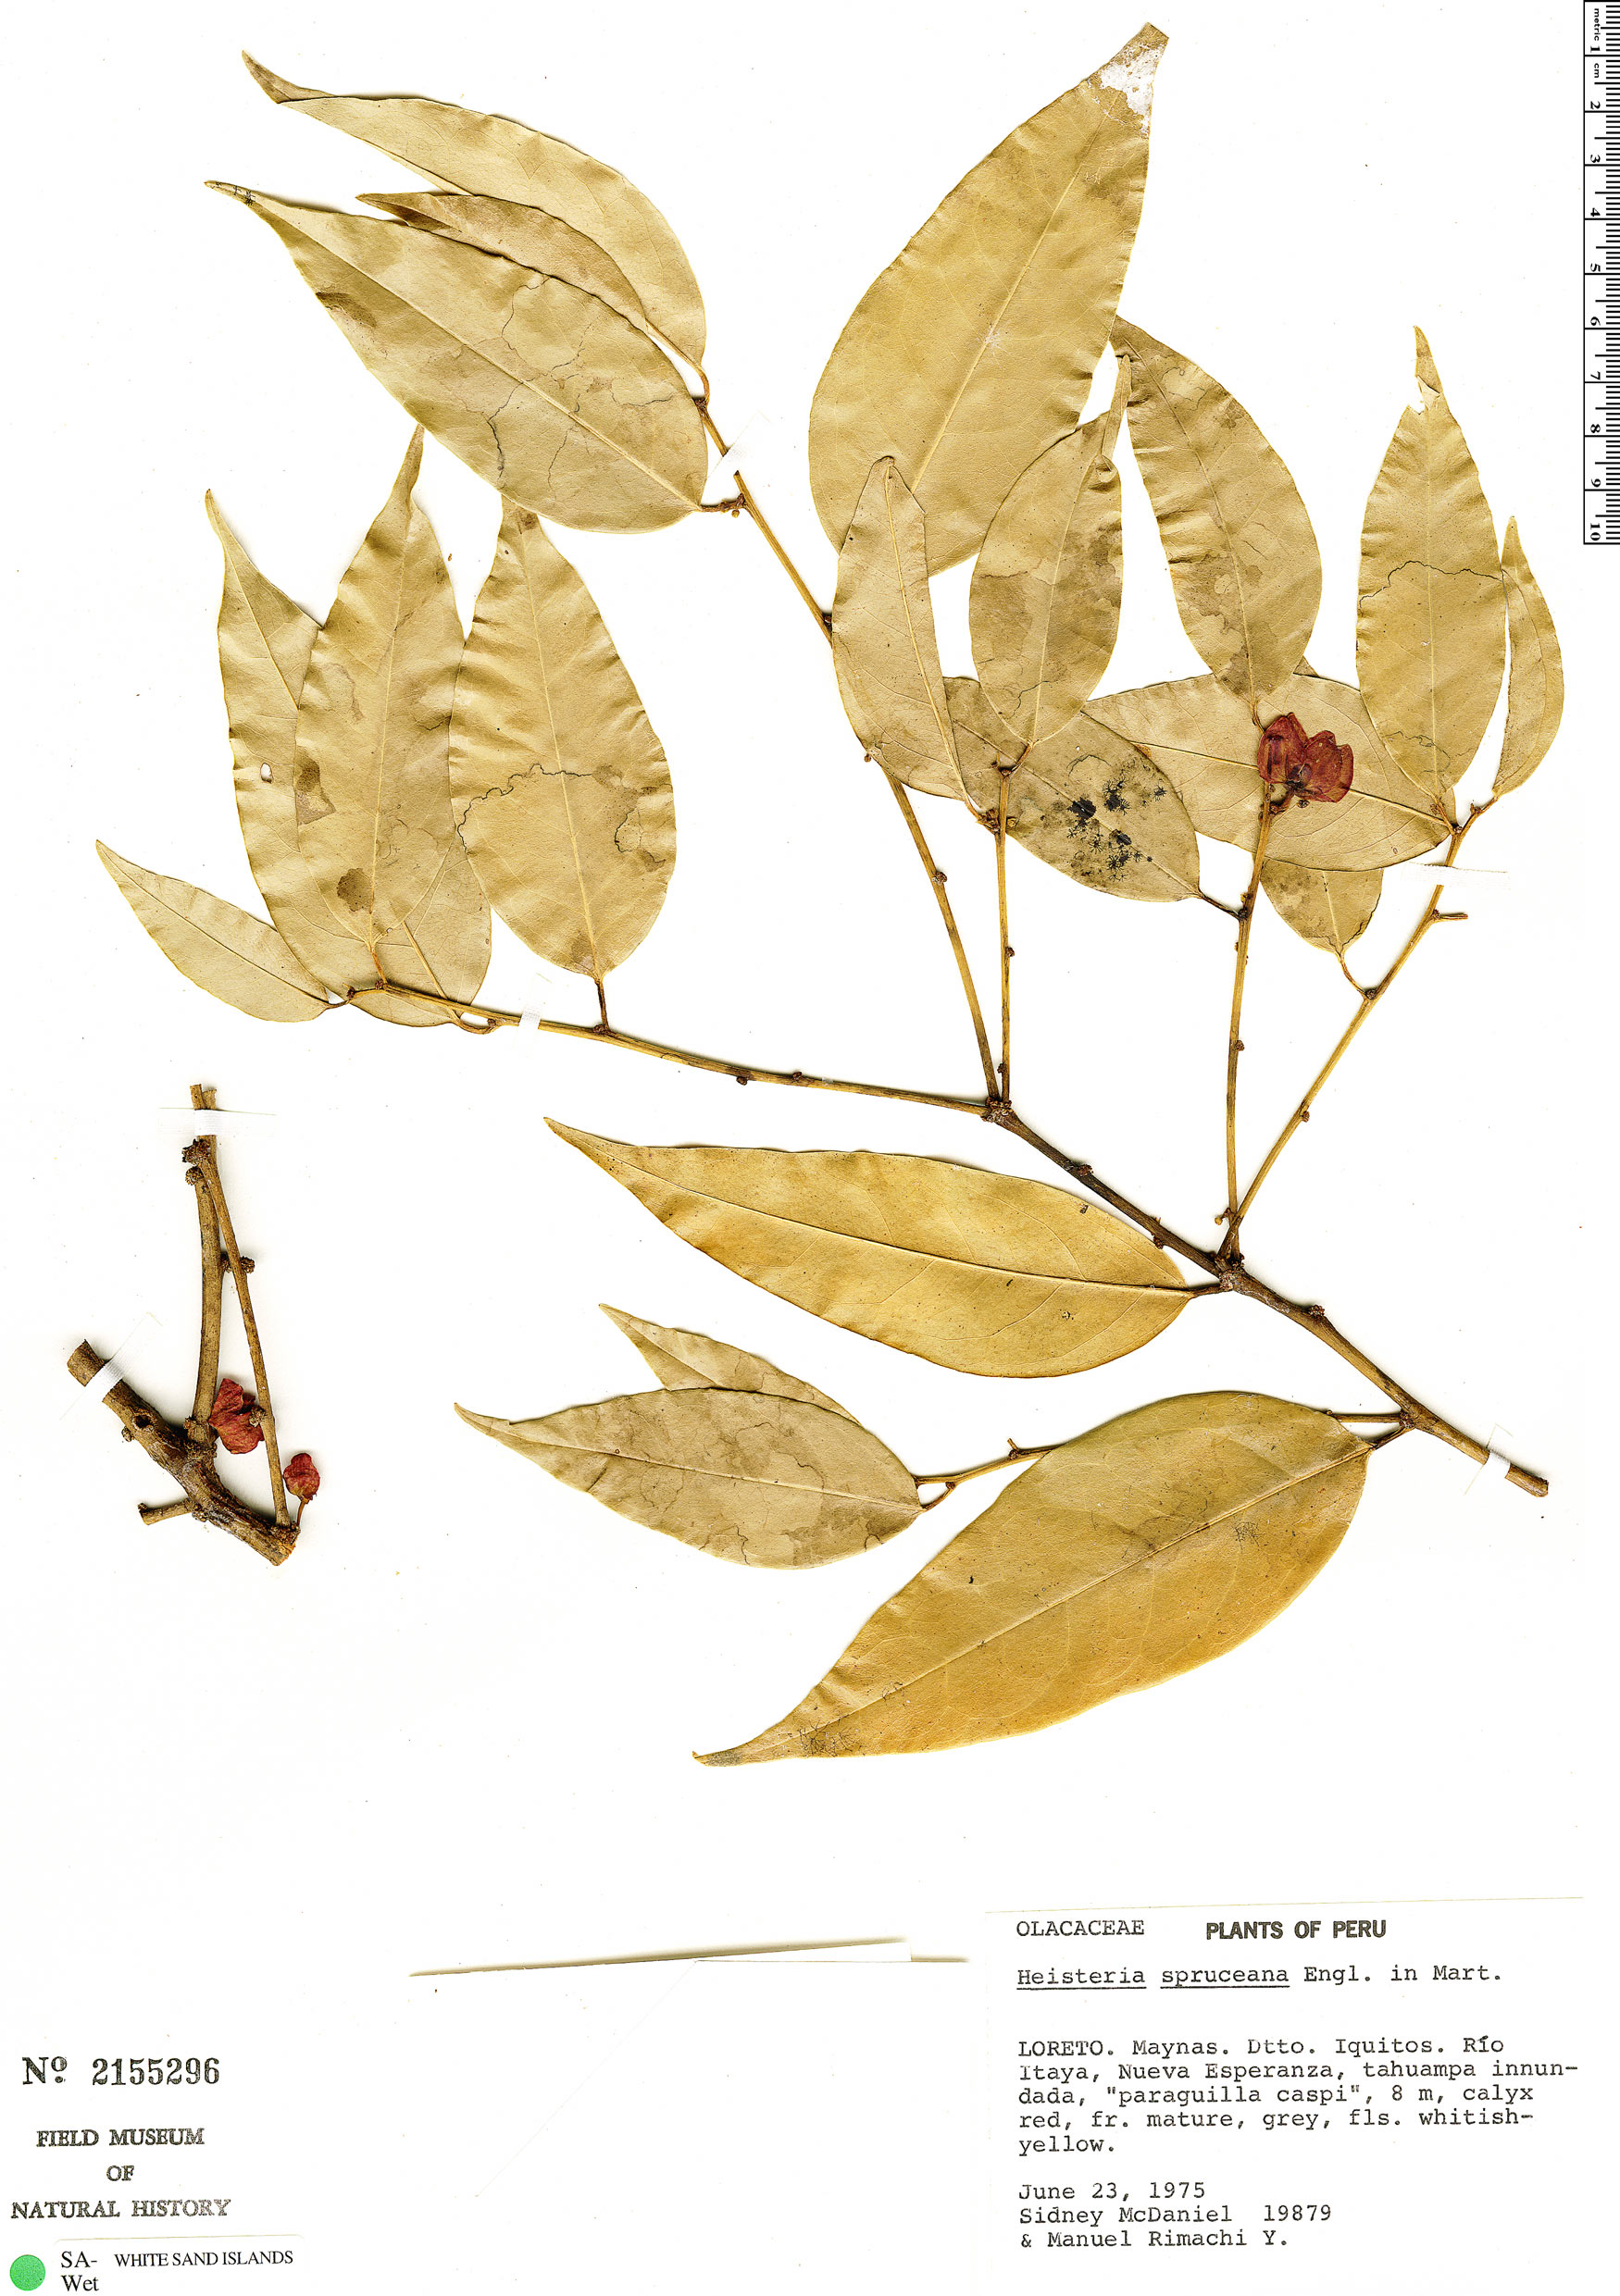 Espécime: Heisteria spruceana